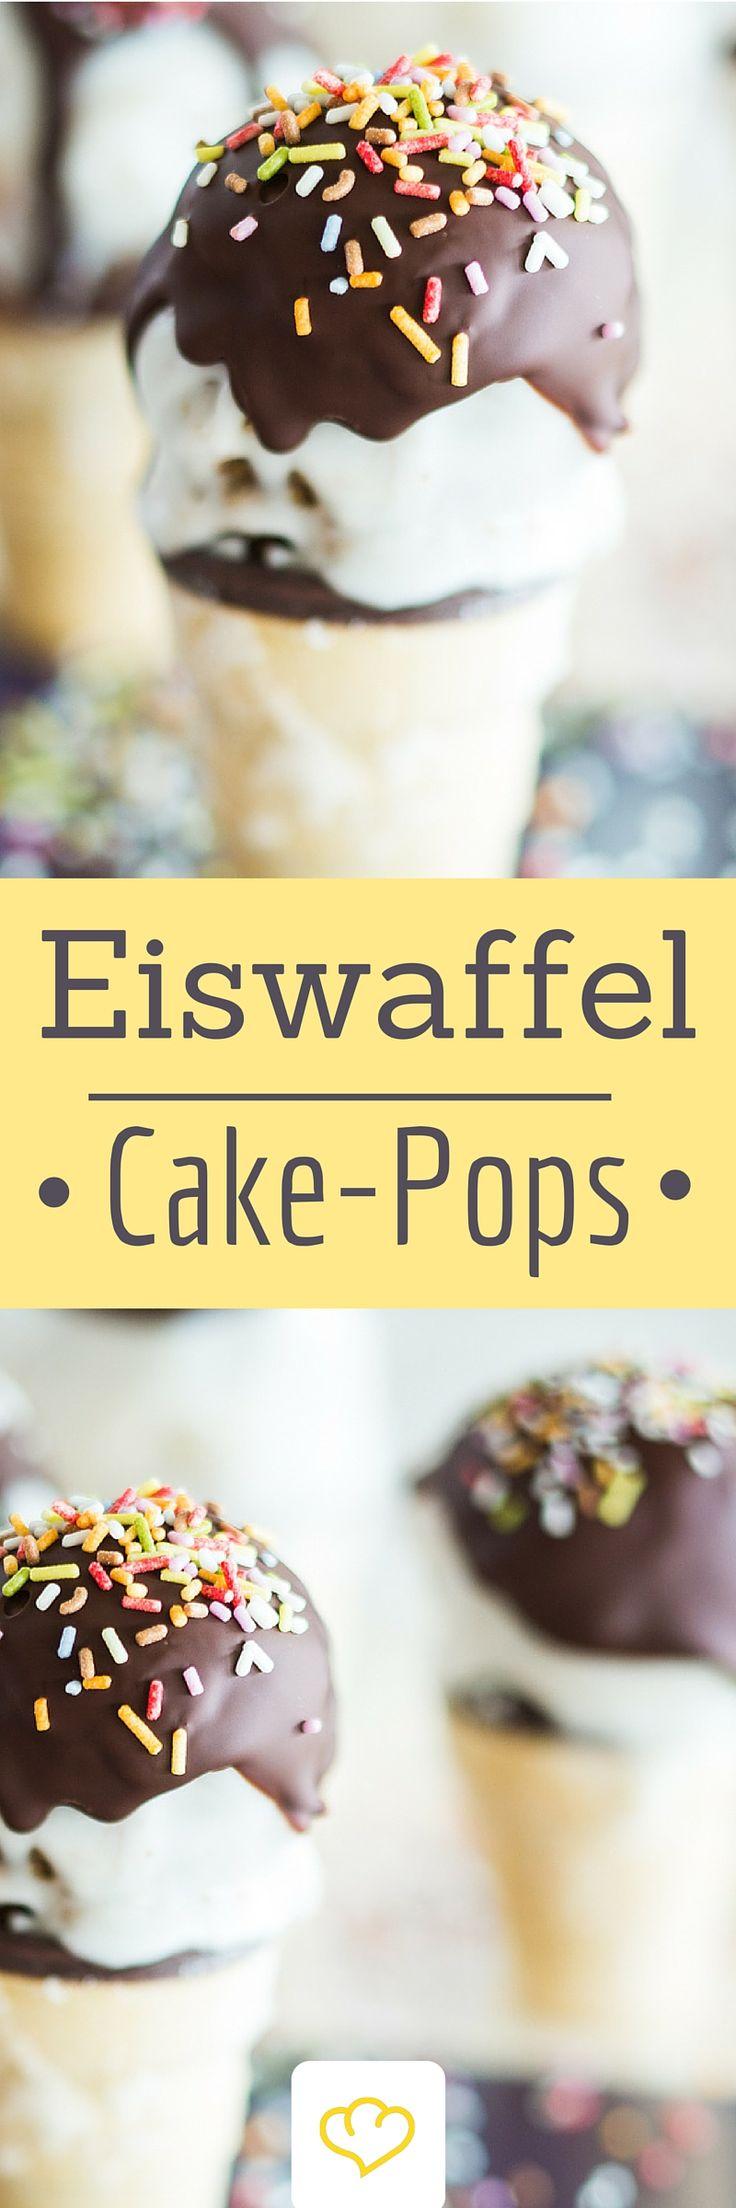 Eiswaffeln mit Cakepops - Was in der Waffel aussieht wie ein kühles Eis, ist in Wirklichkeit eine fluffige Kuchenkugel mit zartem Schokoladenüberzug!